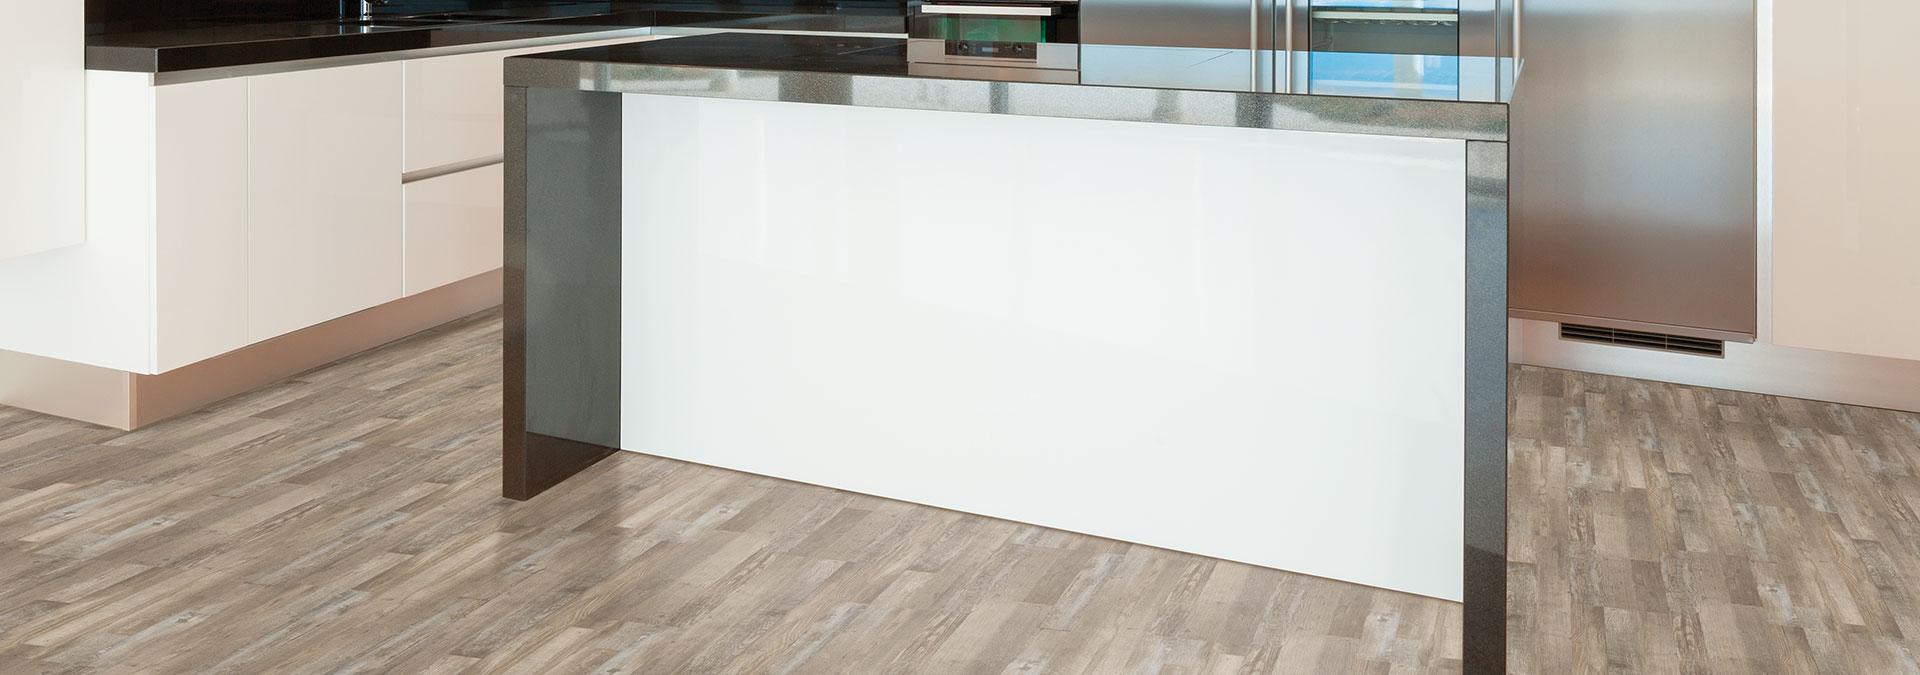 Designboden Altholz Macciato-Stripe in der Küche